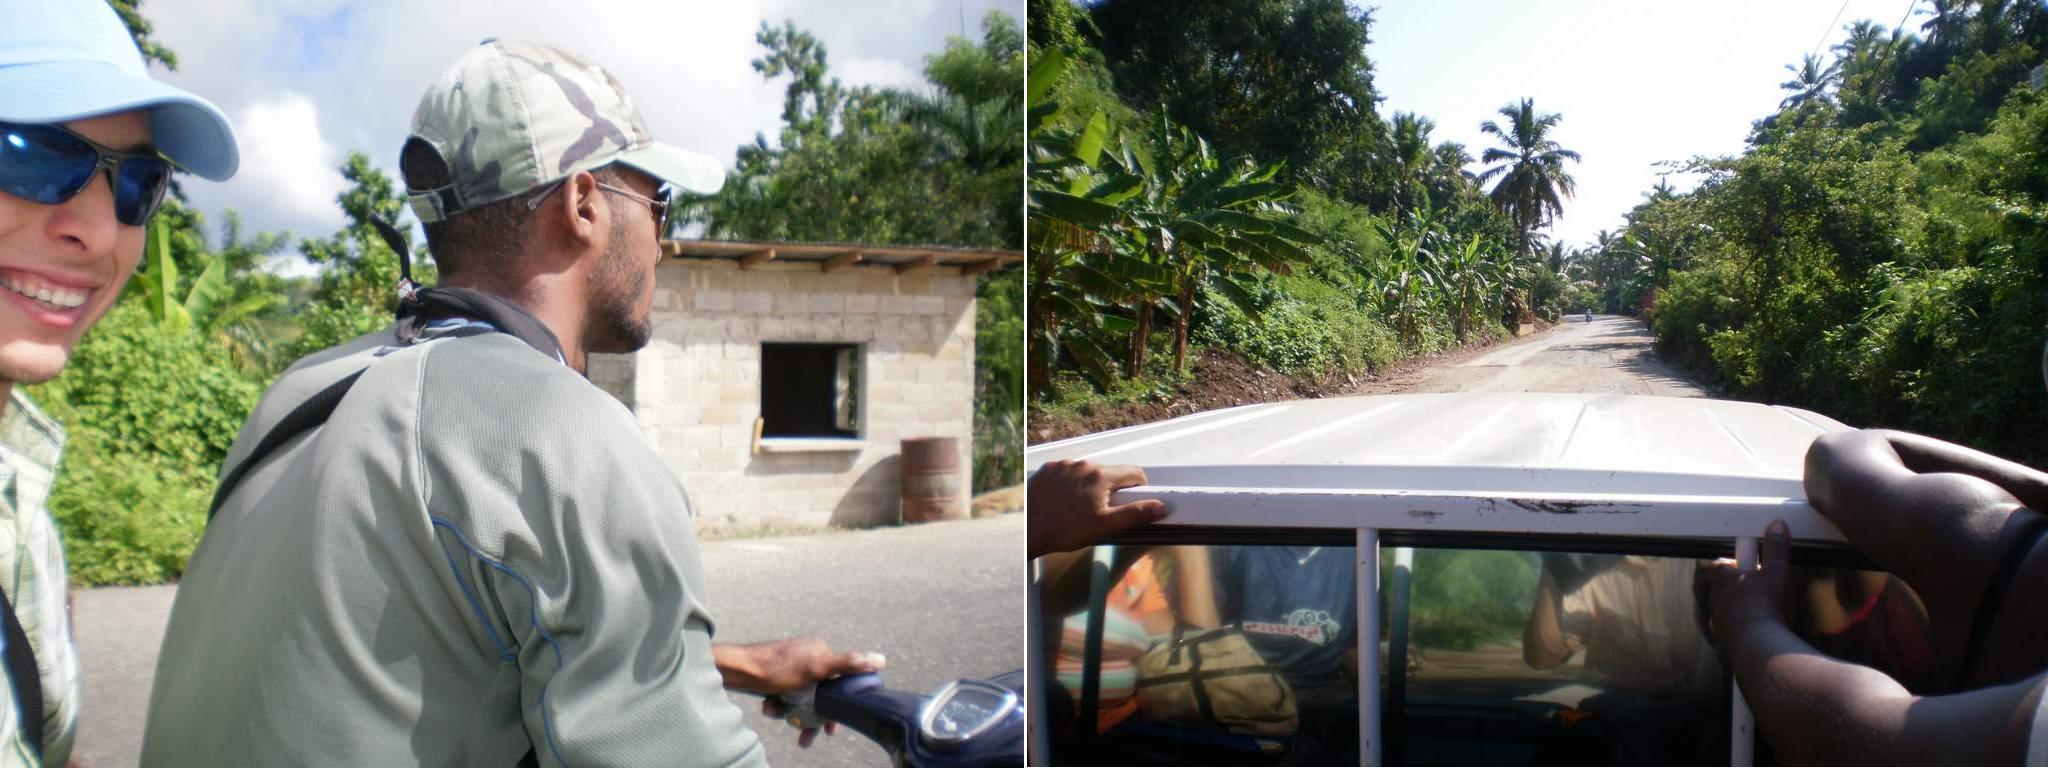 transportation in Samana